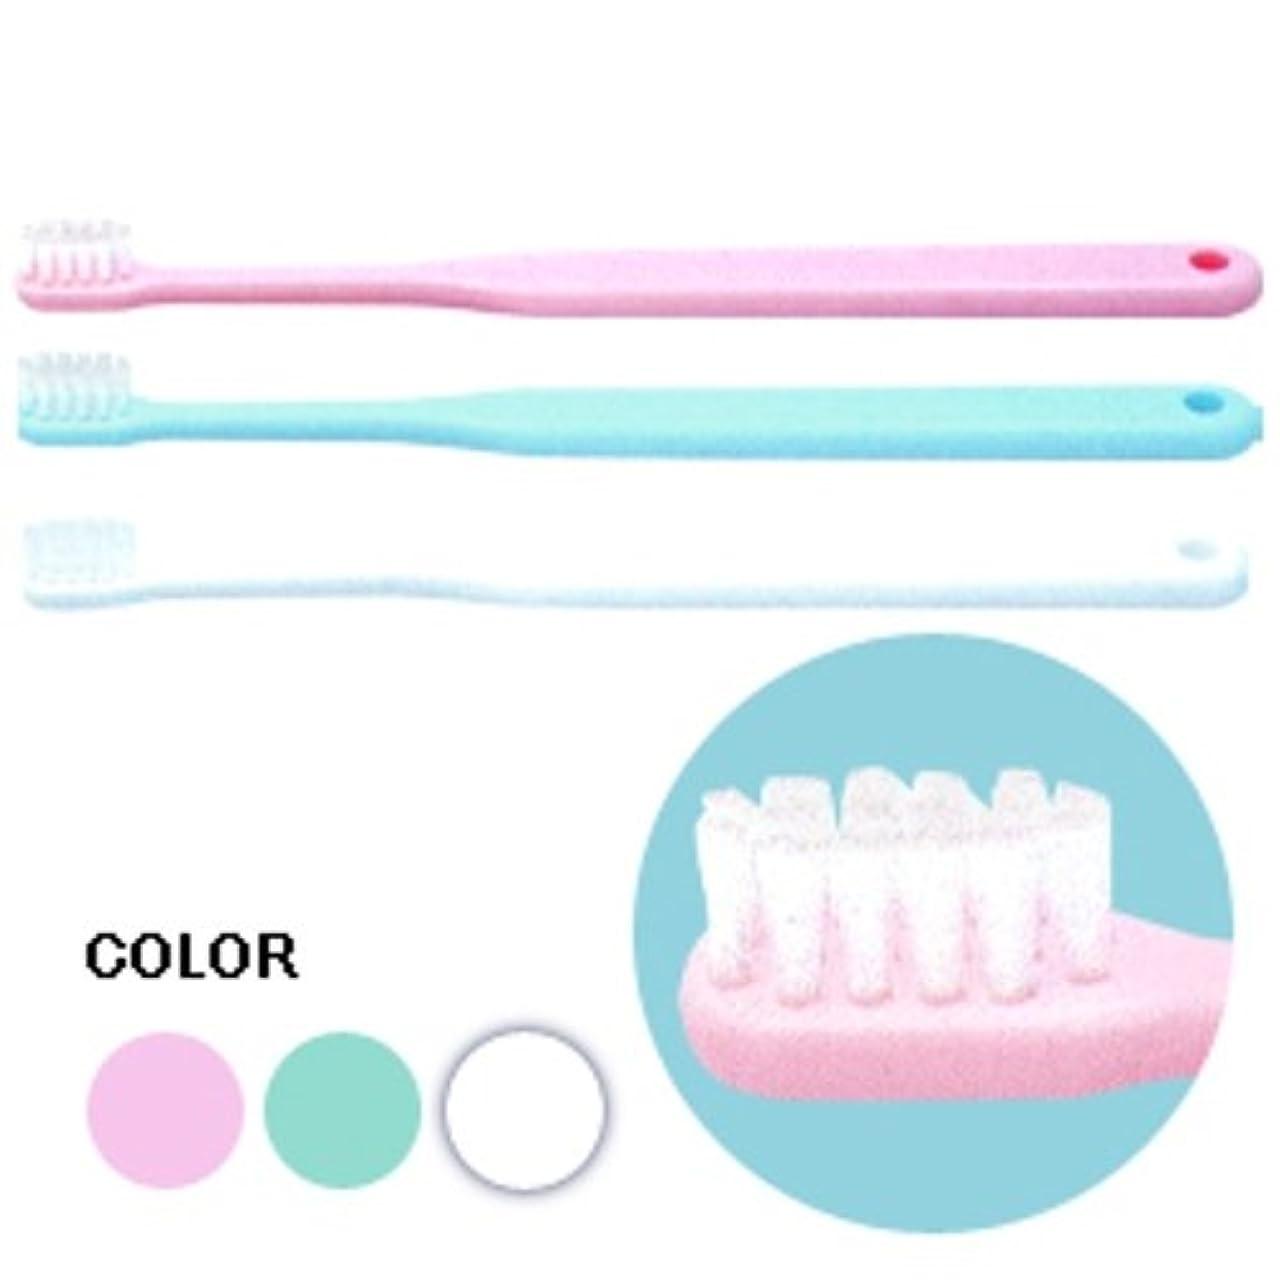 パワーセル炎上陽気なCiメディカル 歯ブラシ Ci602 仕上げ磨き用 × 3本 アソート